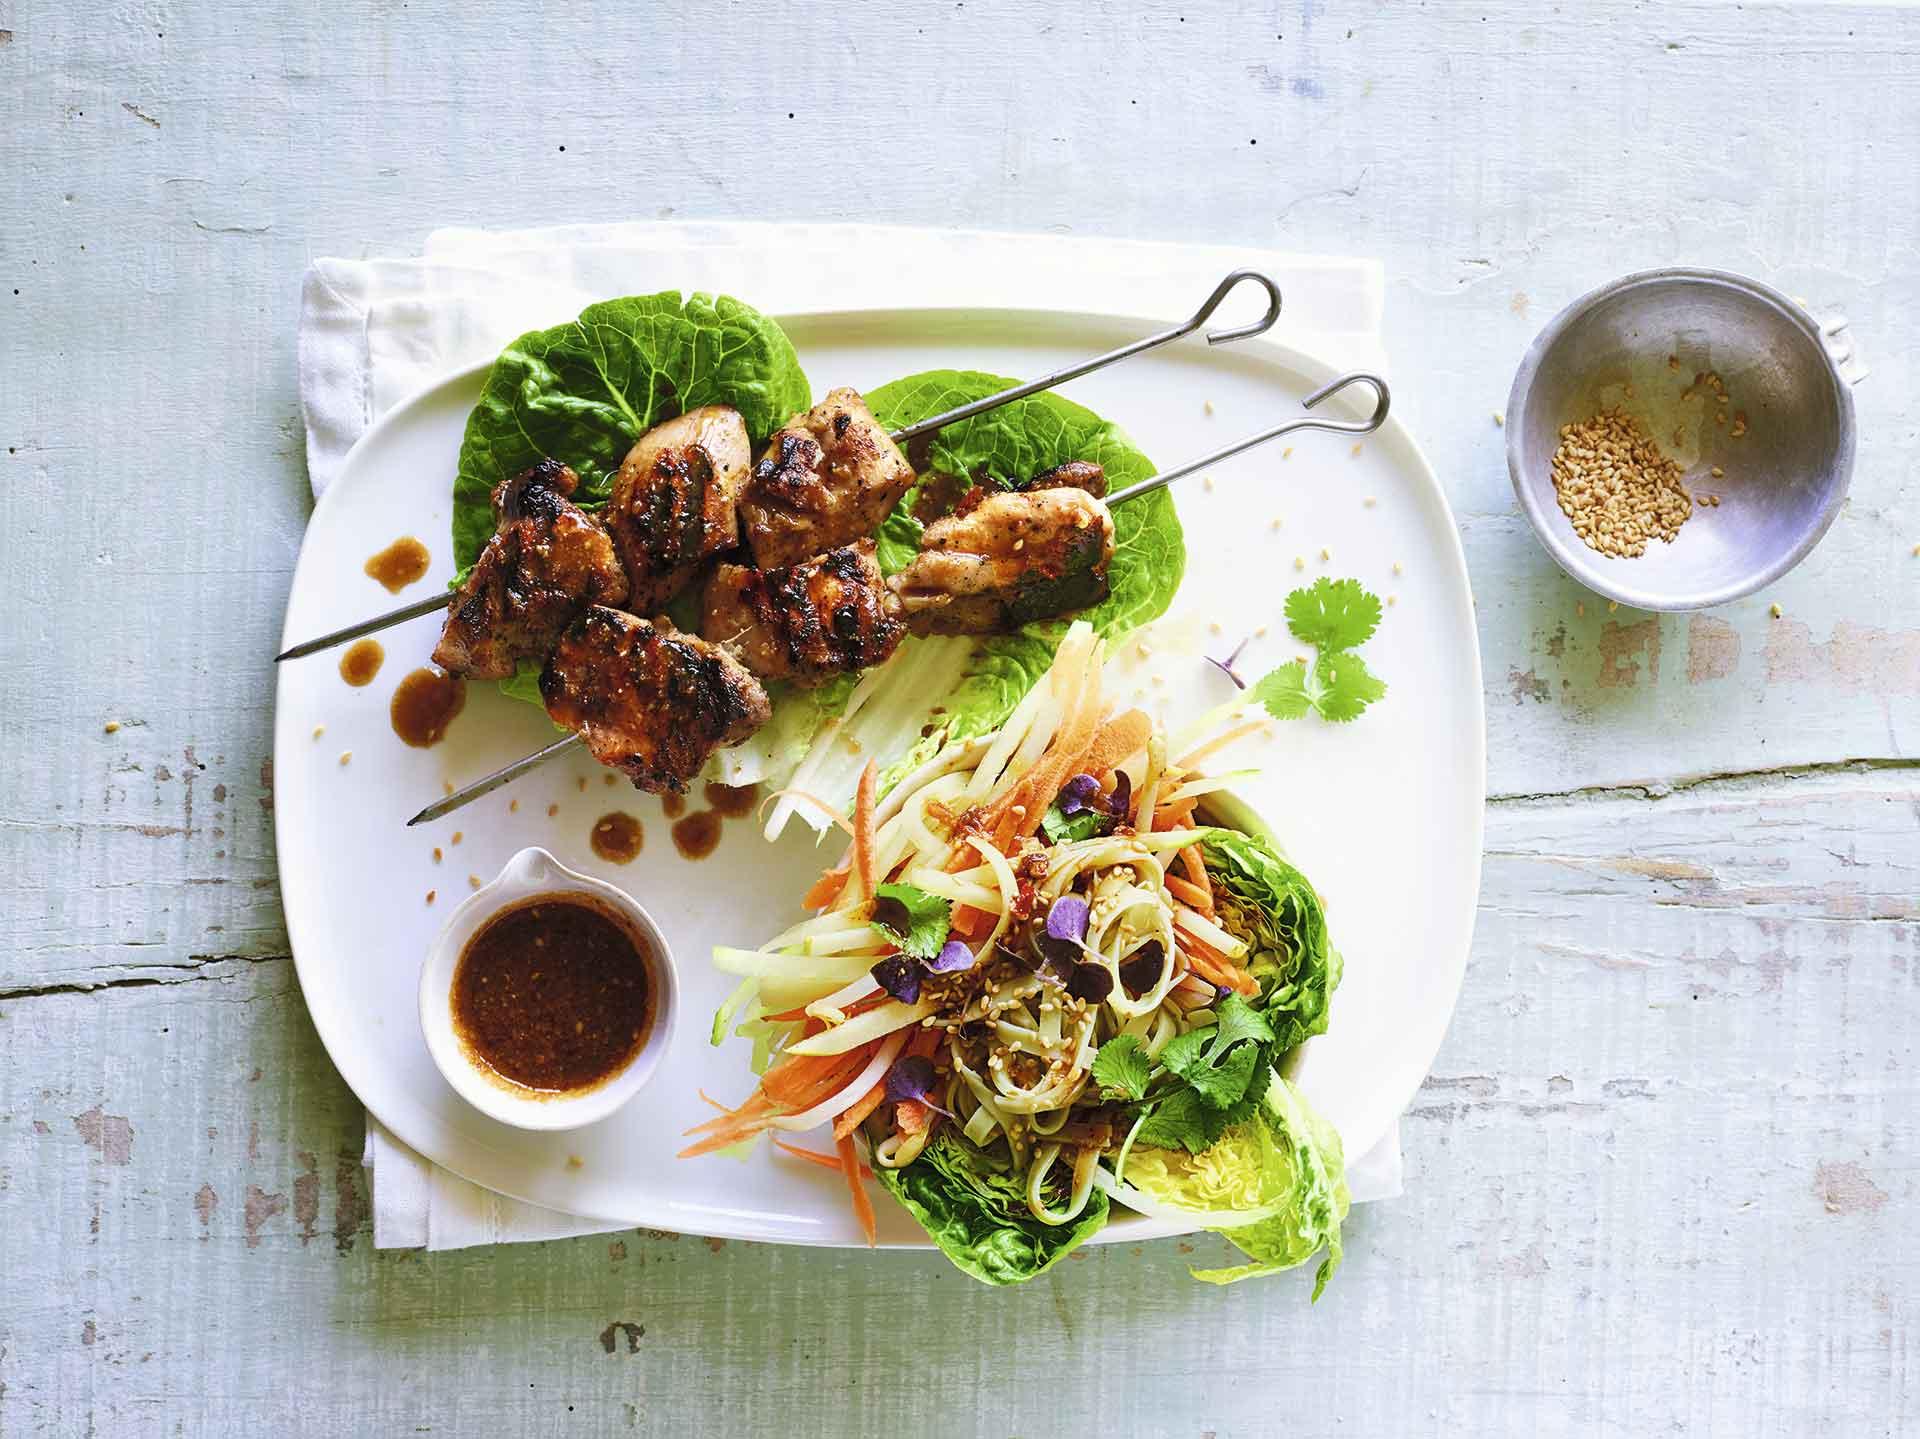 Ensalada de pollo coreano a la barbacoa y fideos